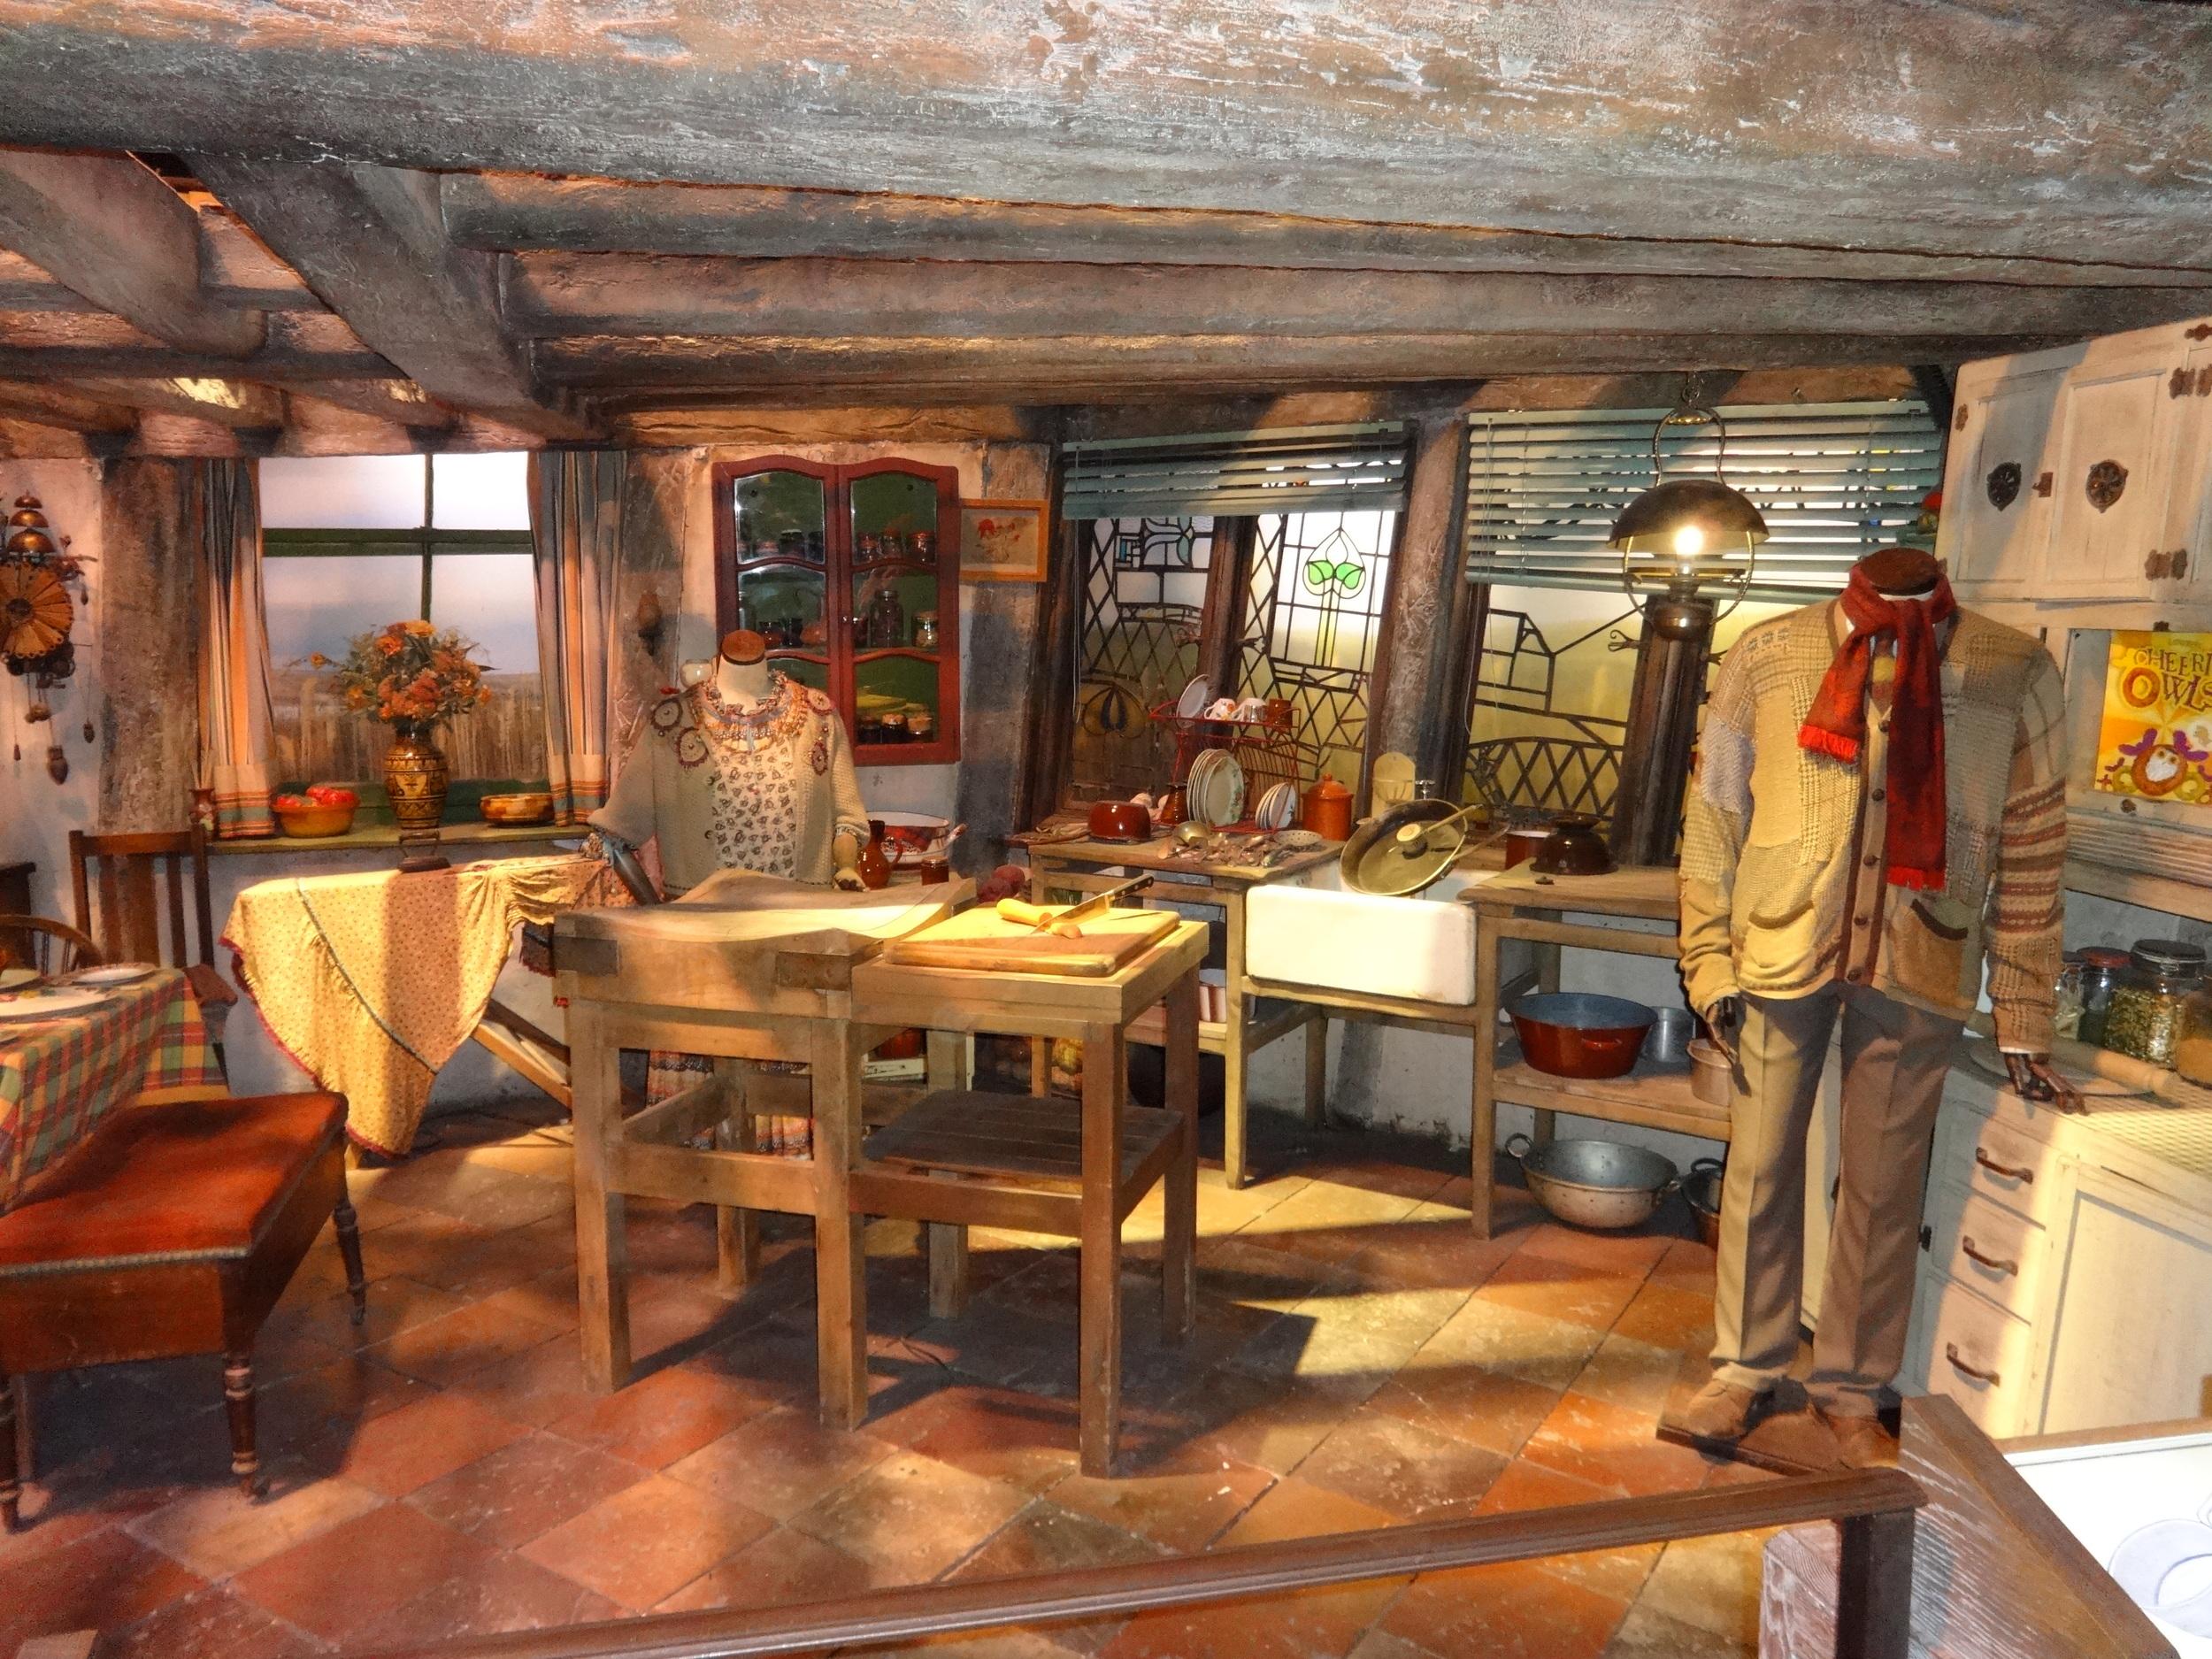 The Weasley's Kitchen